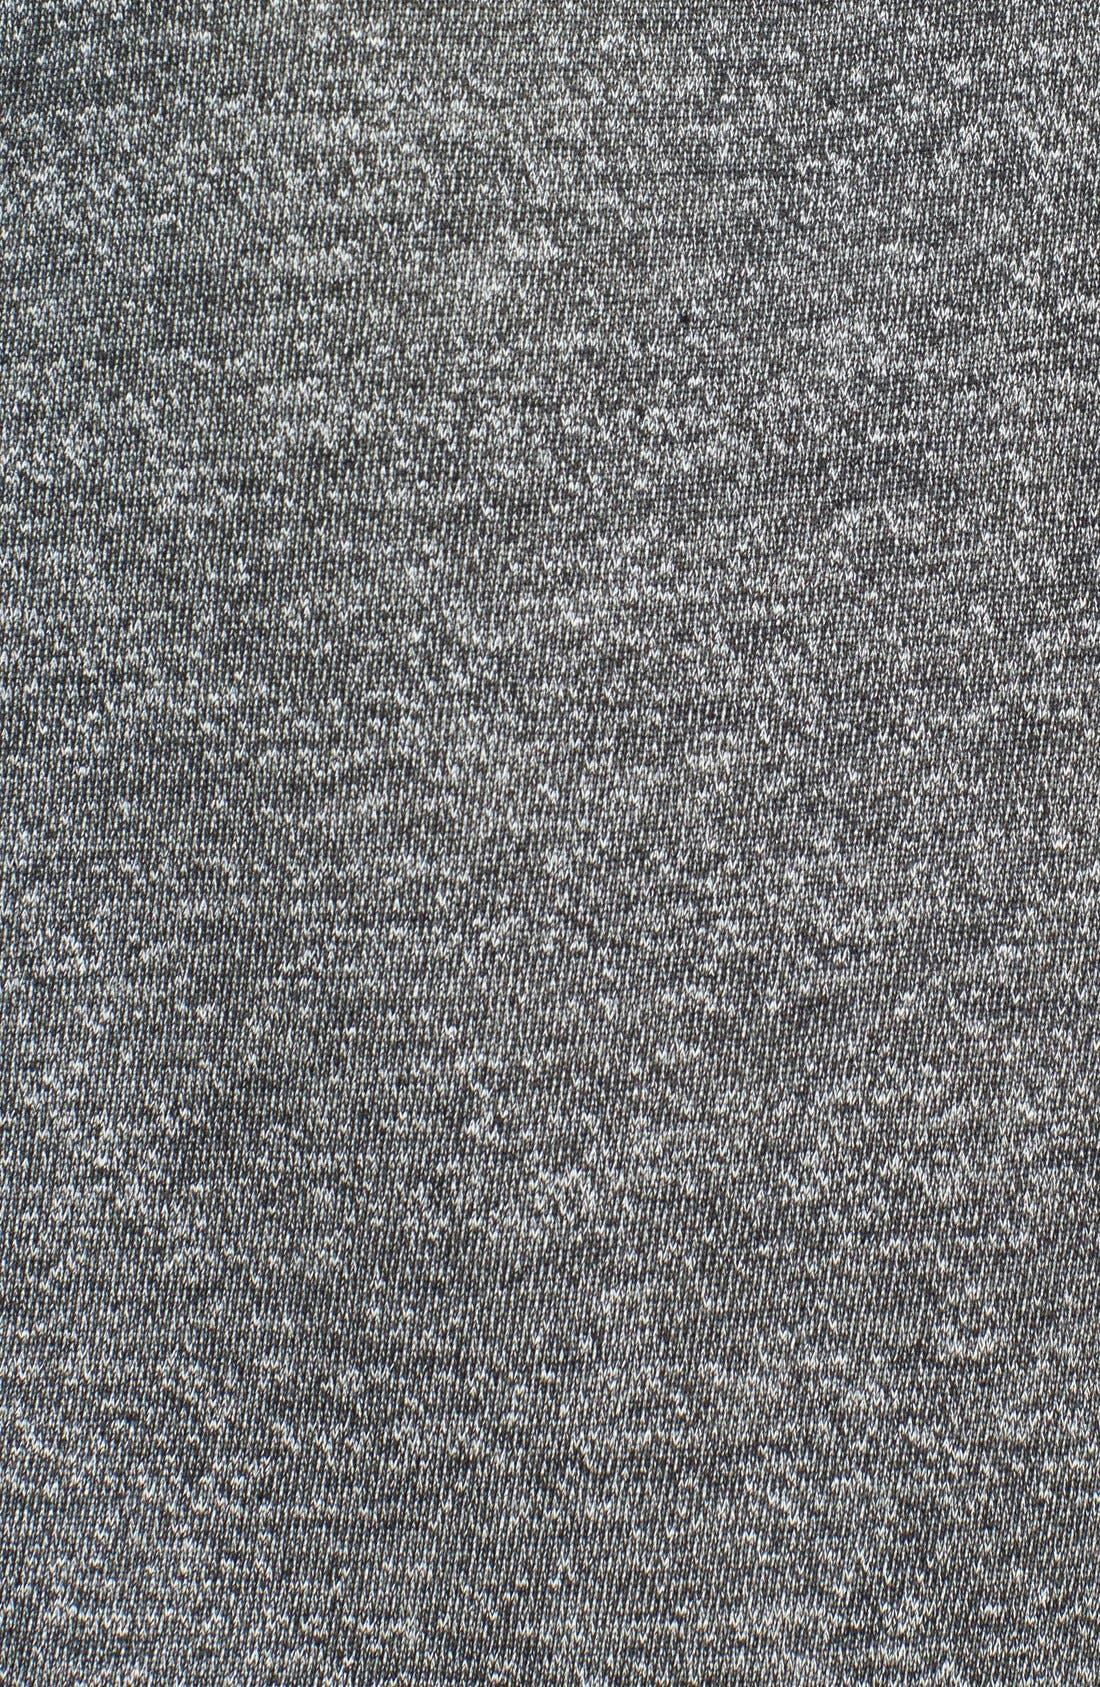 Alternate Image 3  - NYDJ Embroidered Lace Crewneck Sweatshirt